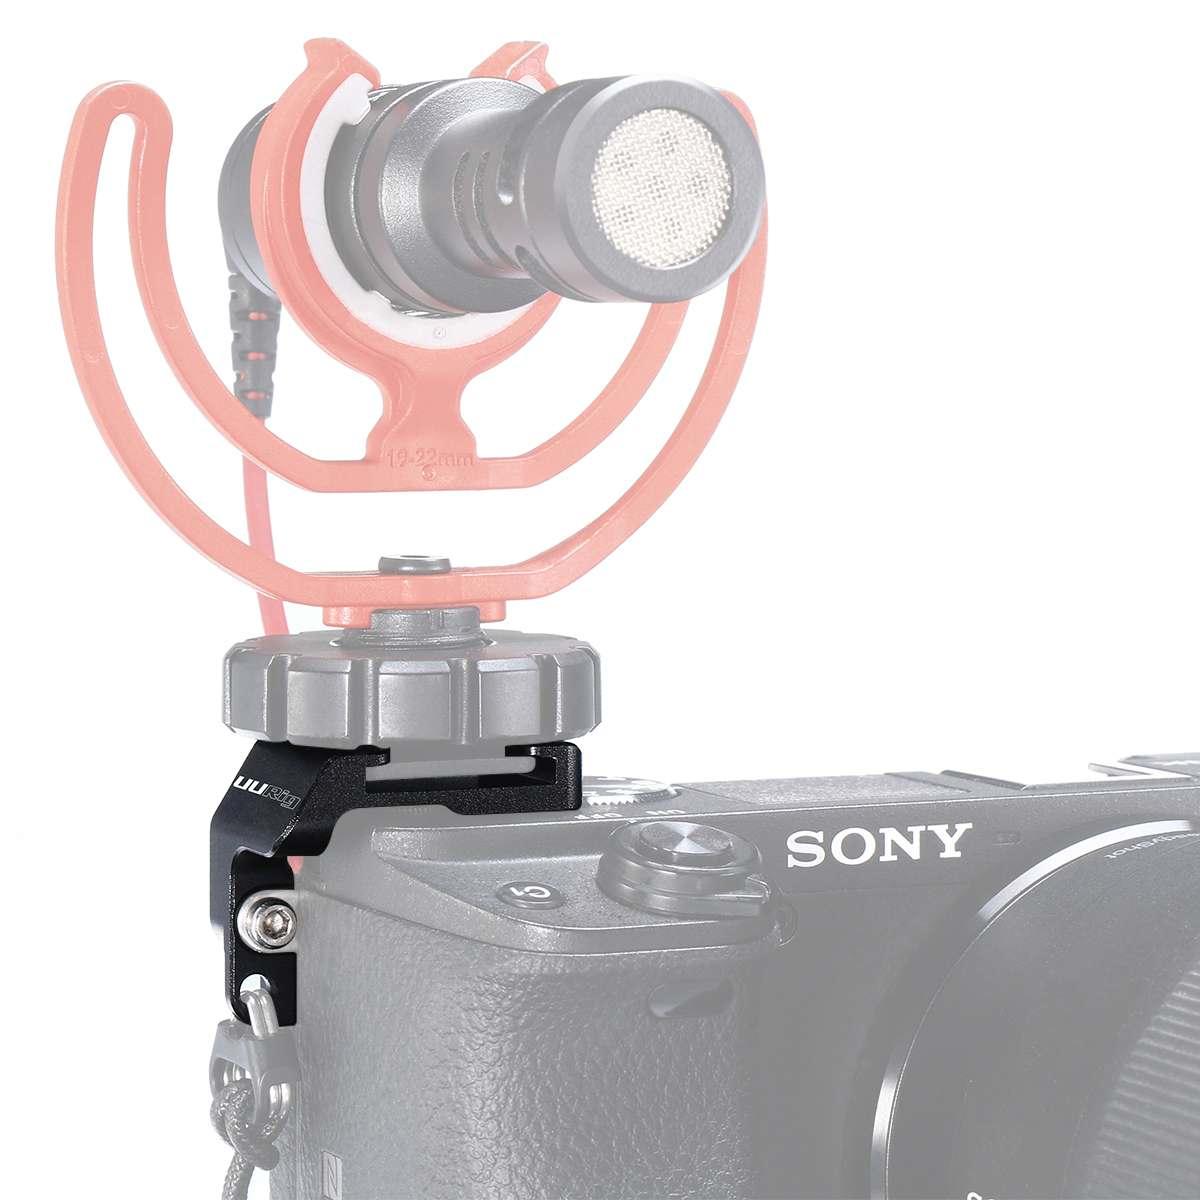 UURig R011 для sony A6400 для Vlog микрофон адаптер холодного башмака Крепление-переходник Горячий башмак Удлинитель кронштейн для фотостудии